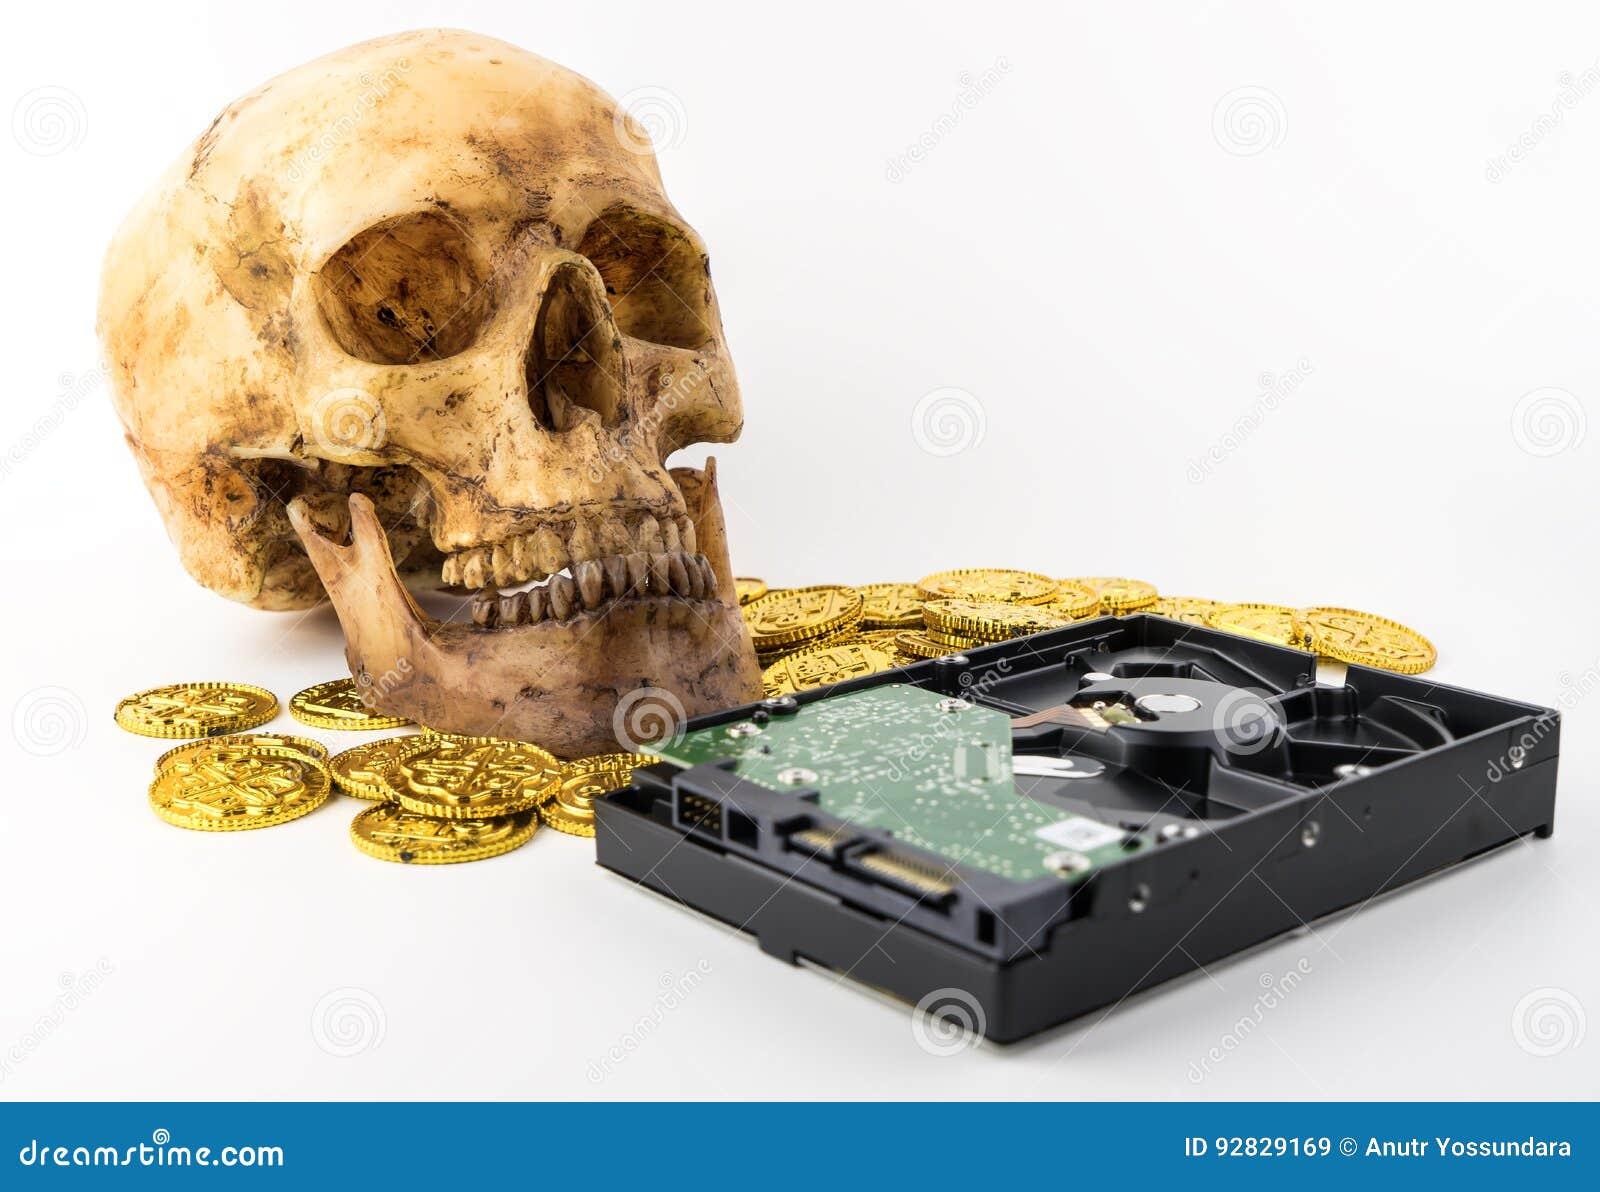 O vírus e Malware estão atacando seus dados